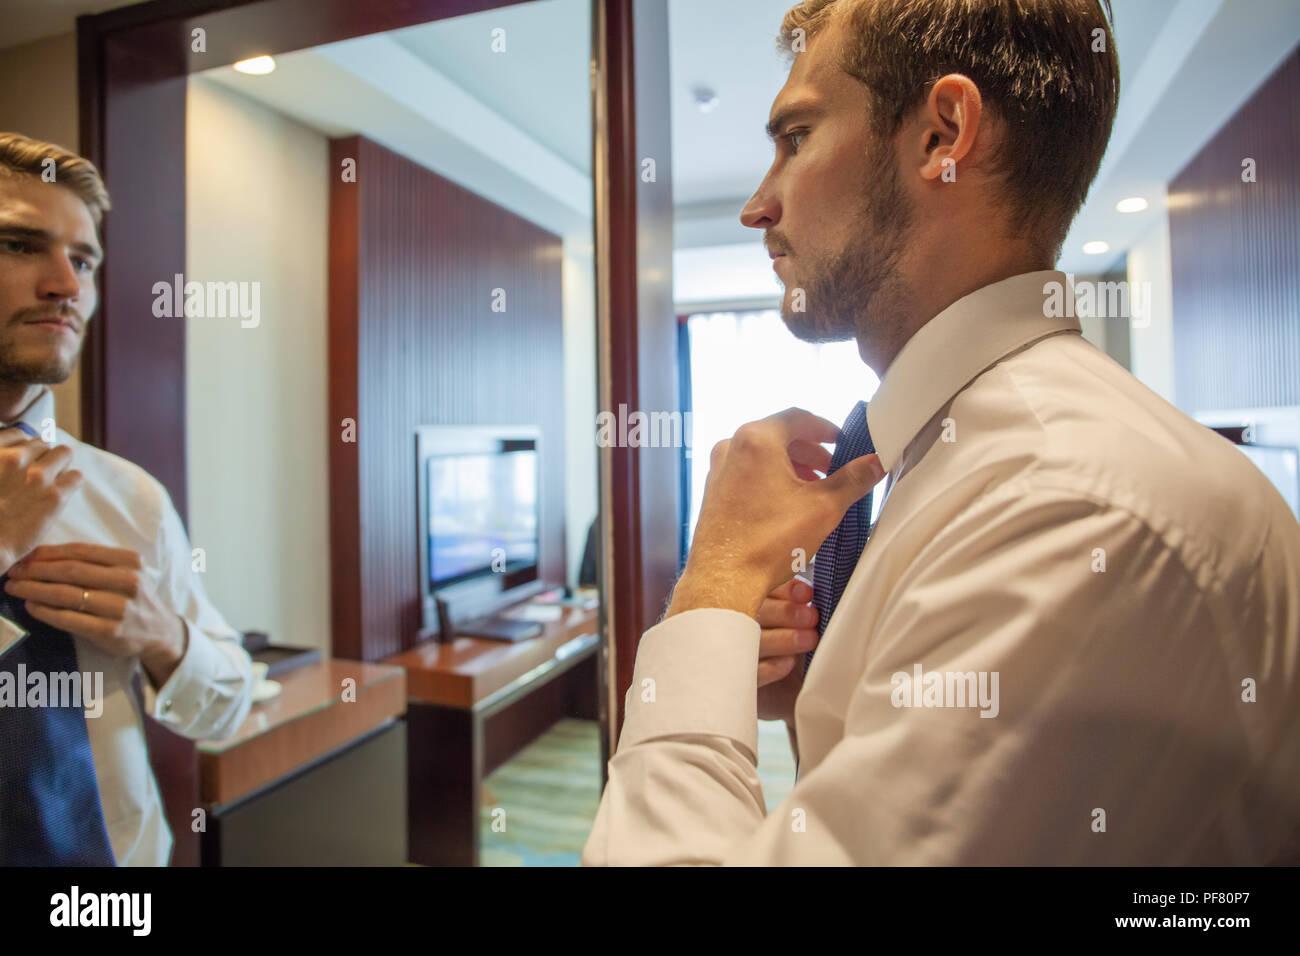 Las personas, los negocios, la moda y el vestido - concepto cerca del hombre en camisa vestirse y ajuste de amarre en el cuello en casa. Imagen De Stock